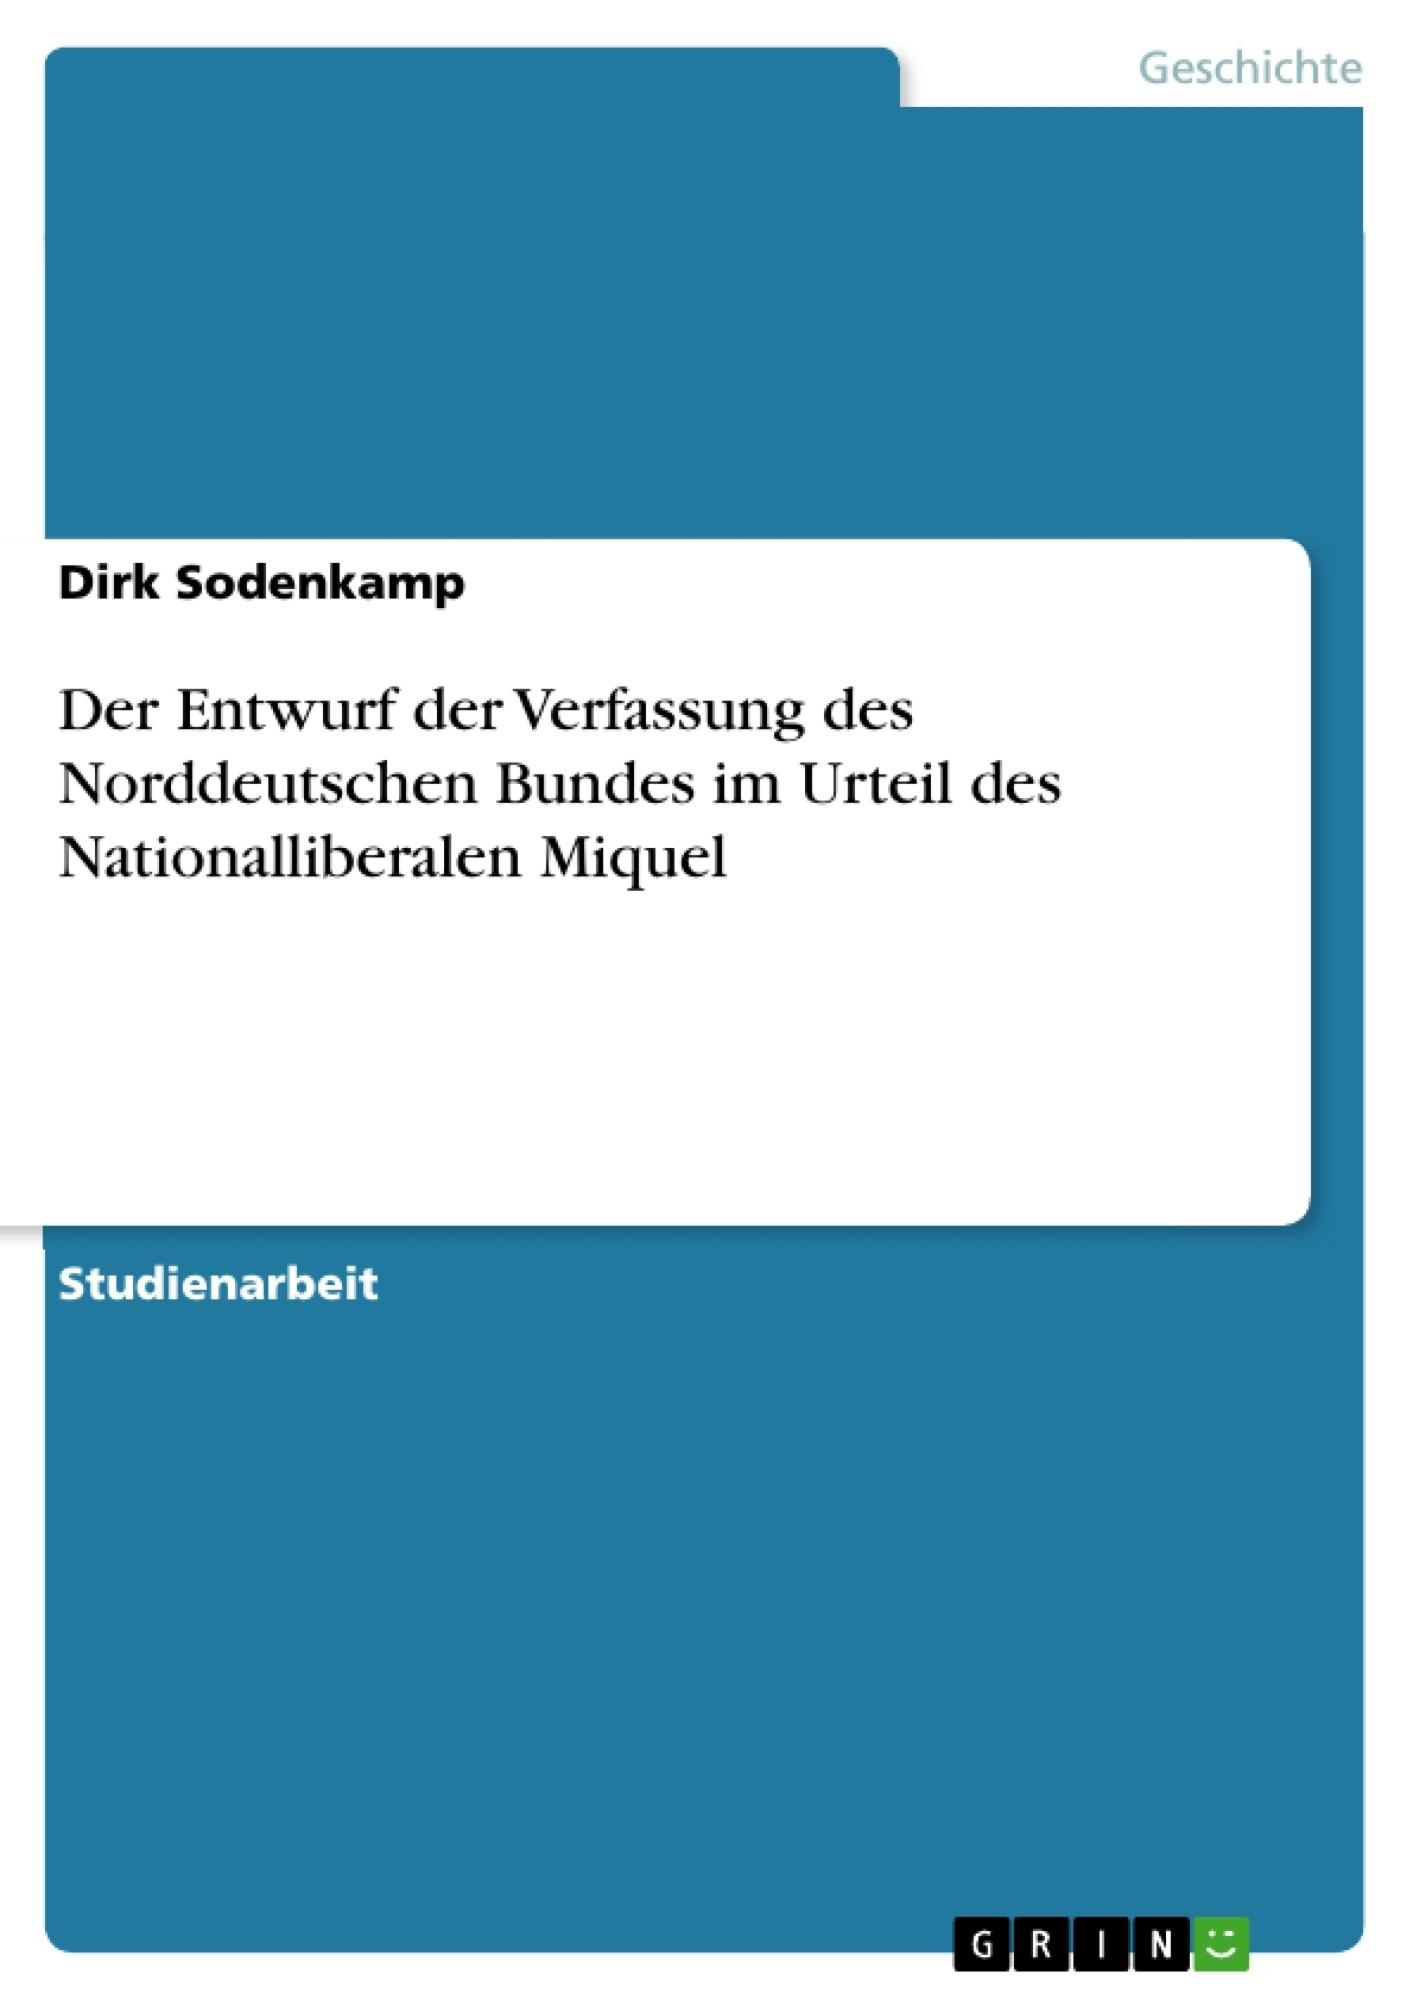 Titel: Der Entwurf der Verfassung des Norddeutschen Bundes im Urteil des Nationalliberalen Miquel